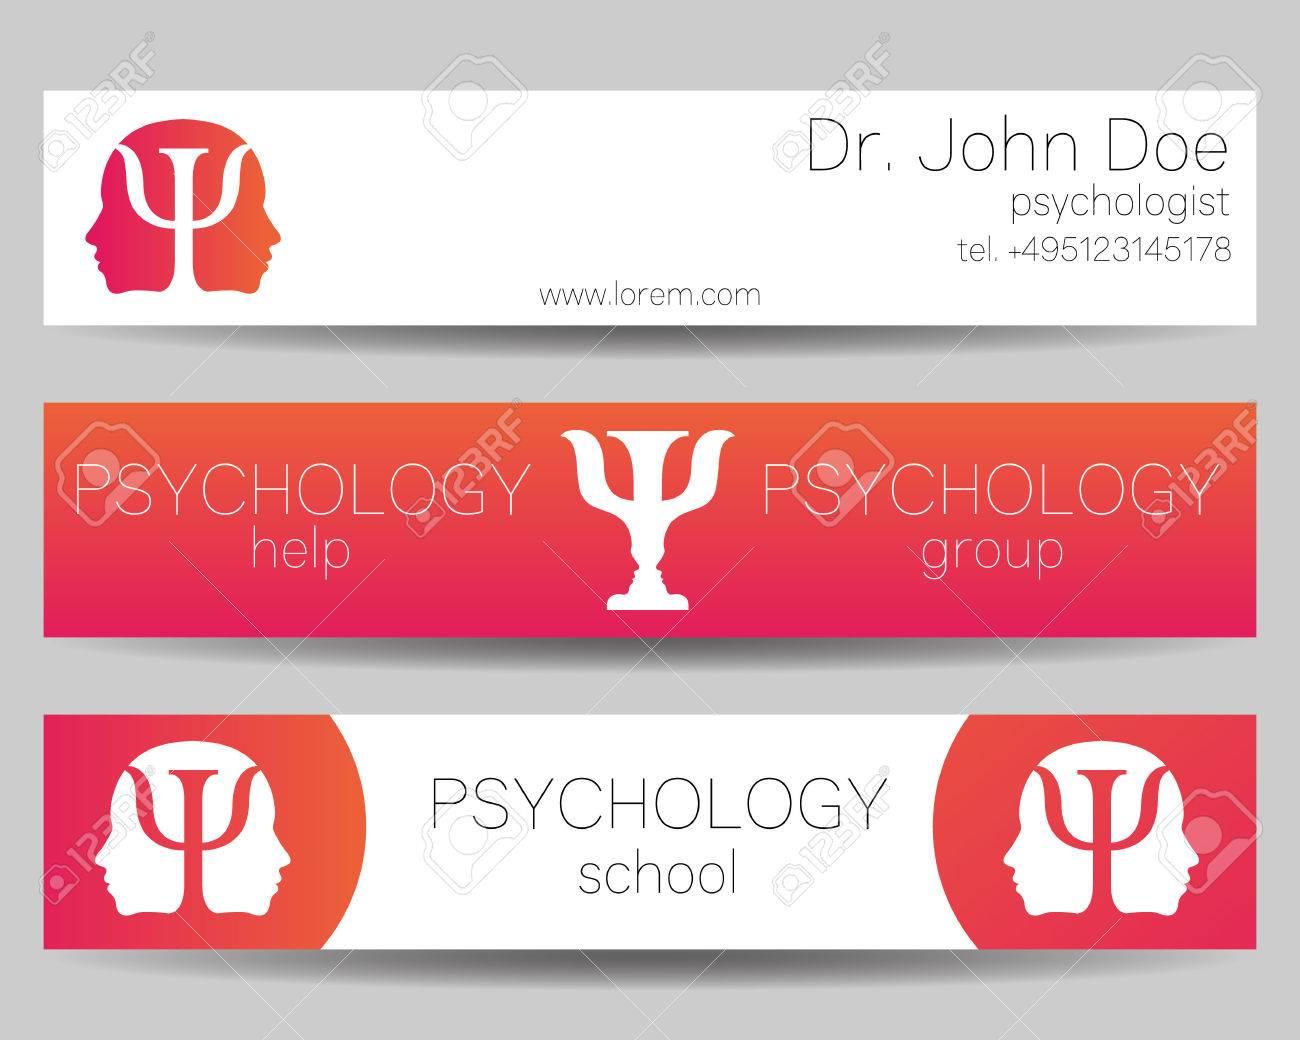 psychology vector web banner design background or header templates